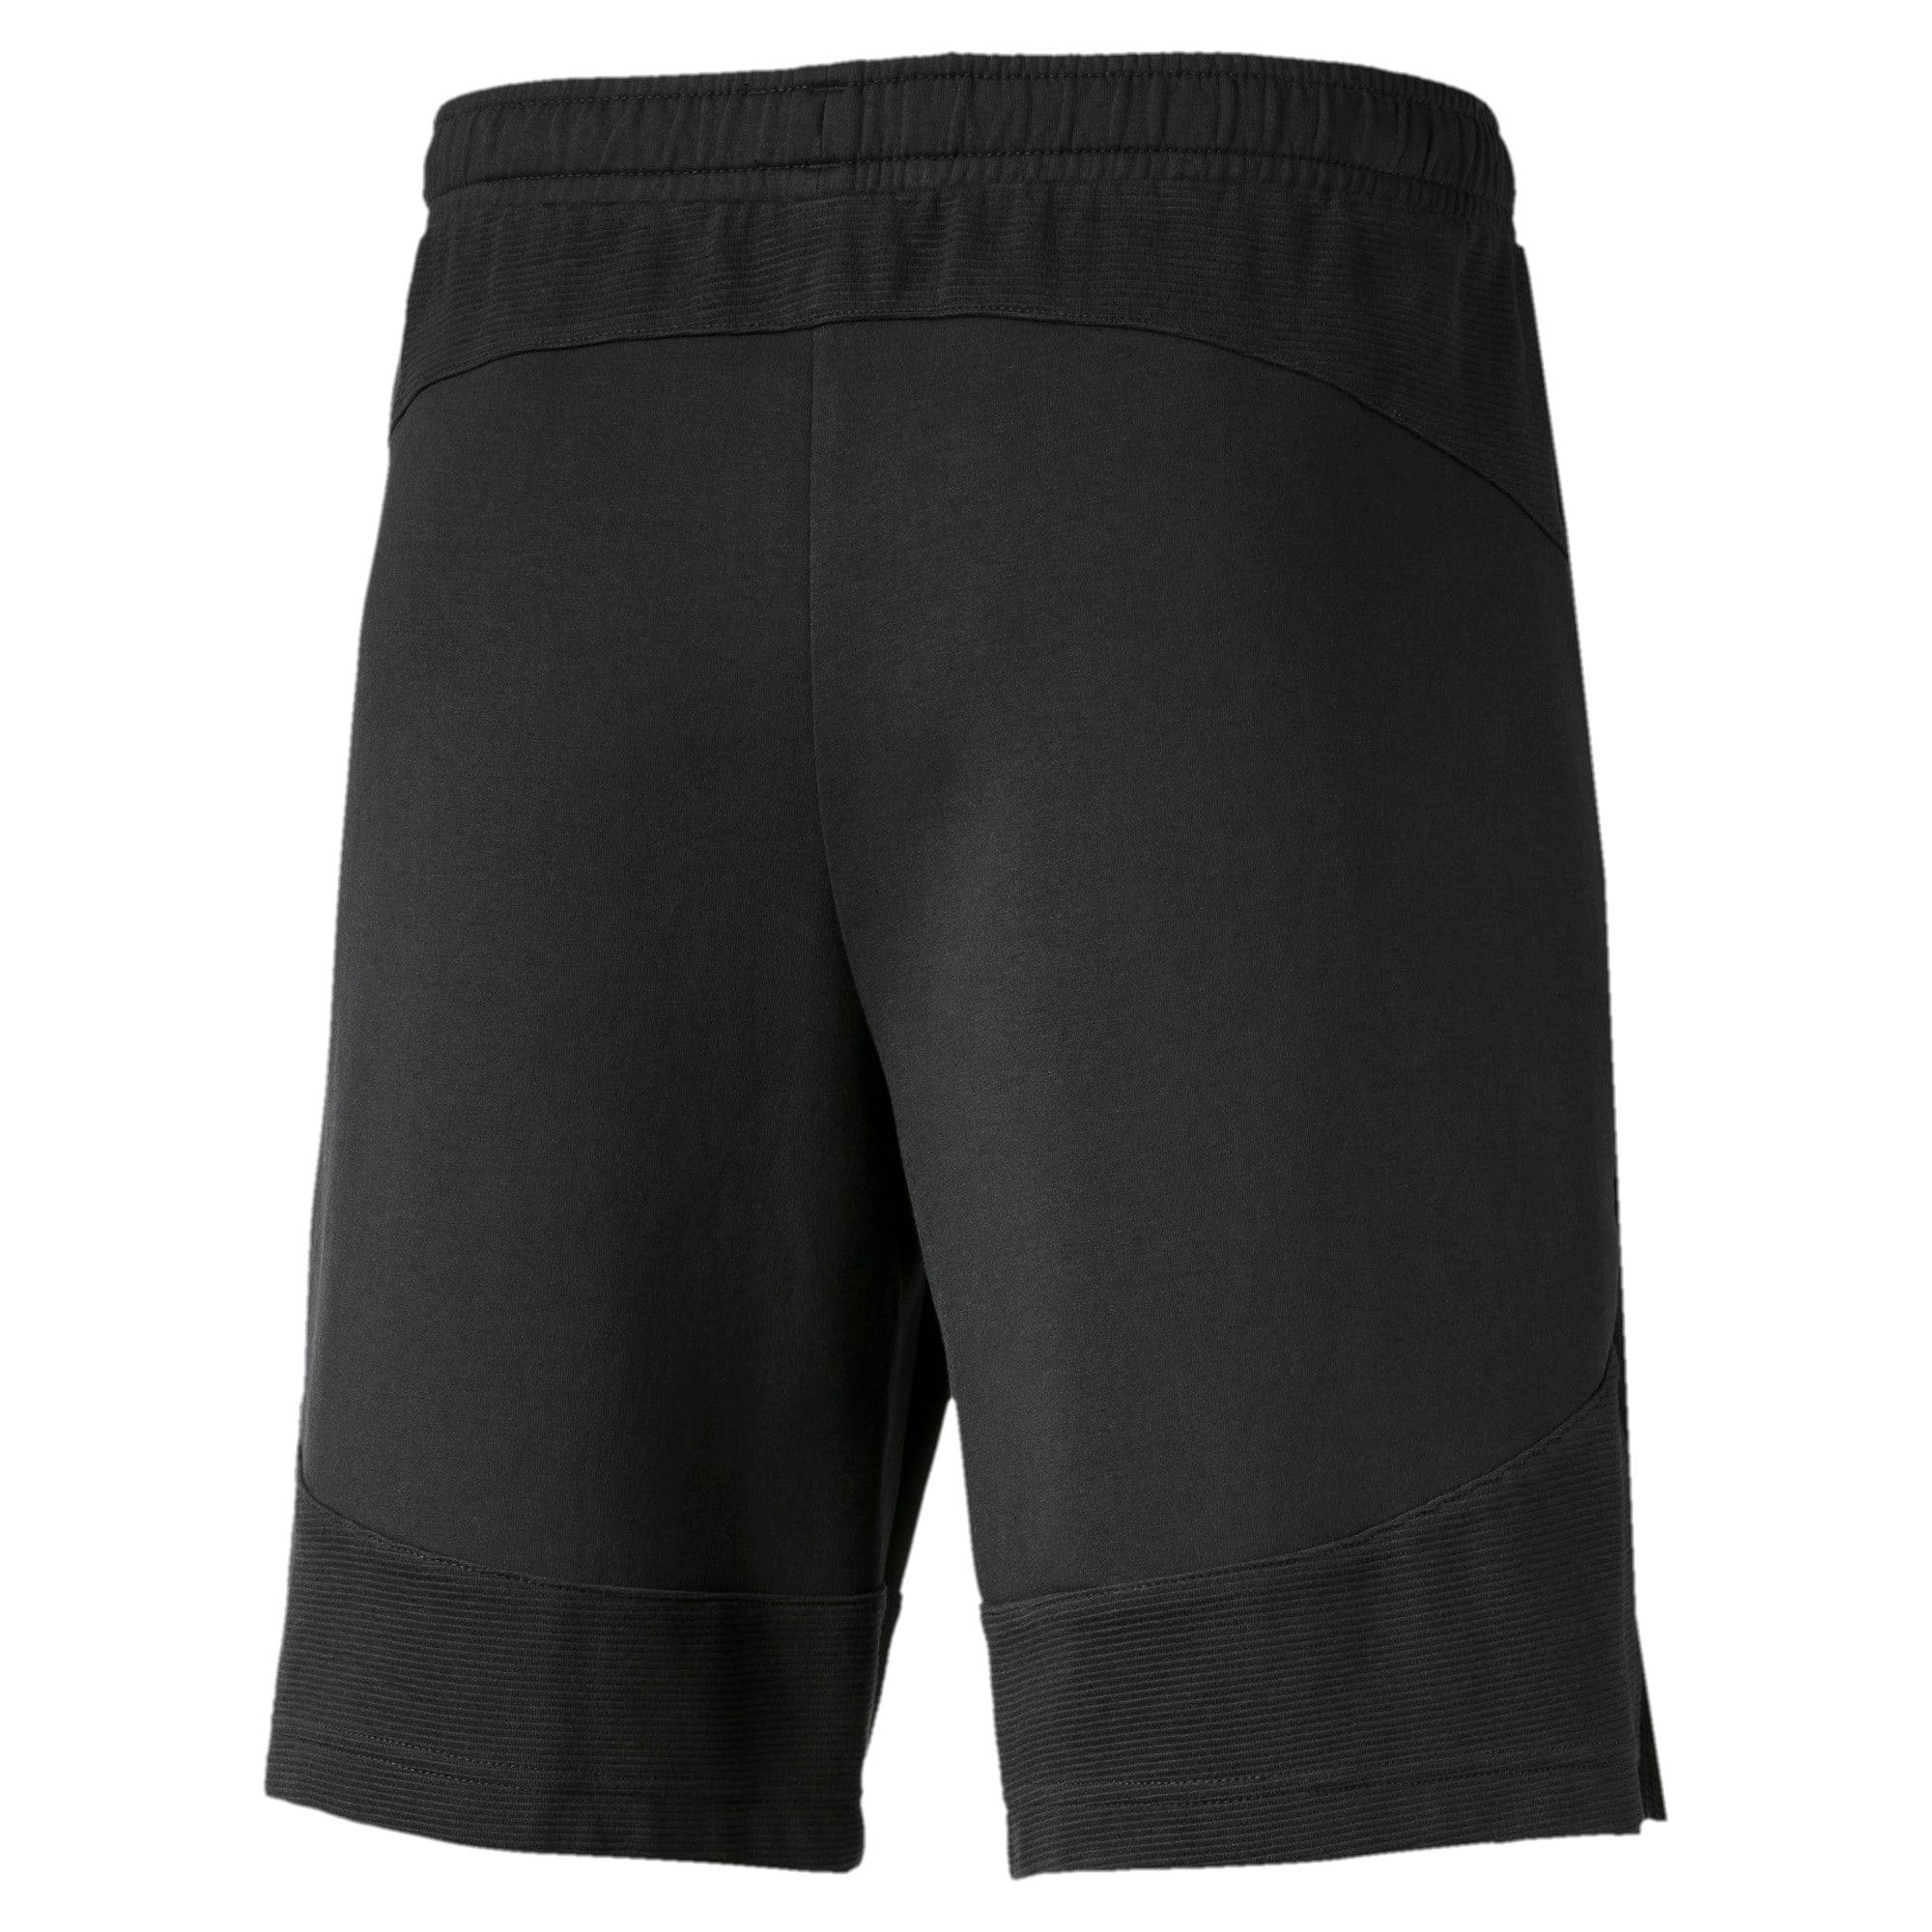 Thumbnail 5 of Evostripe Men's Shorts, Puma Black, medium